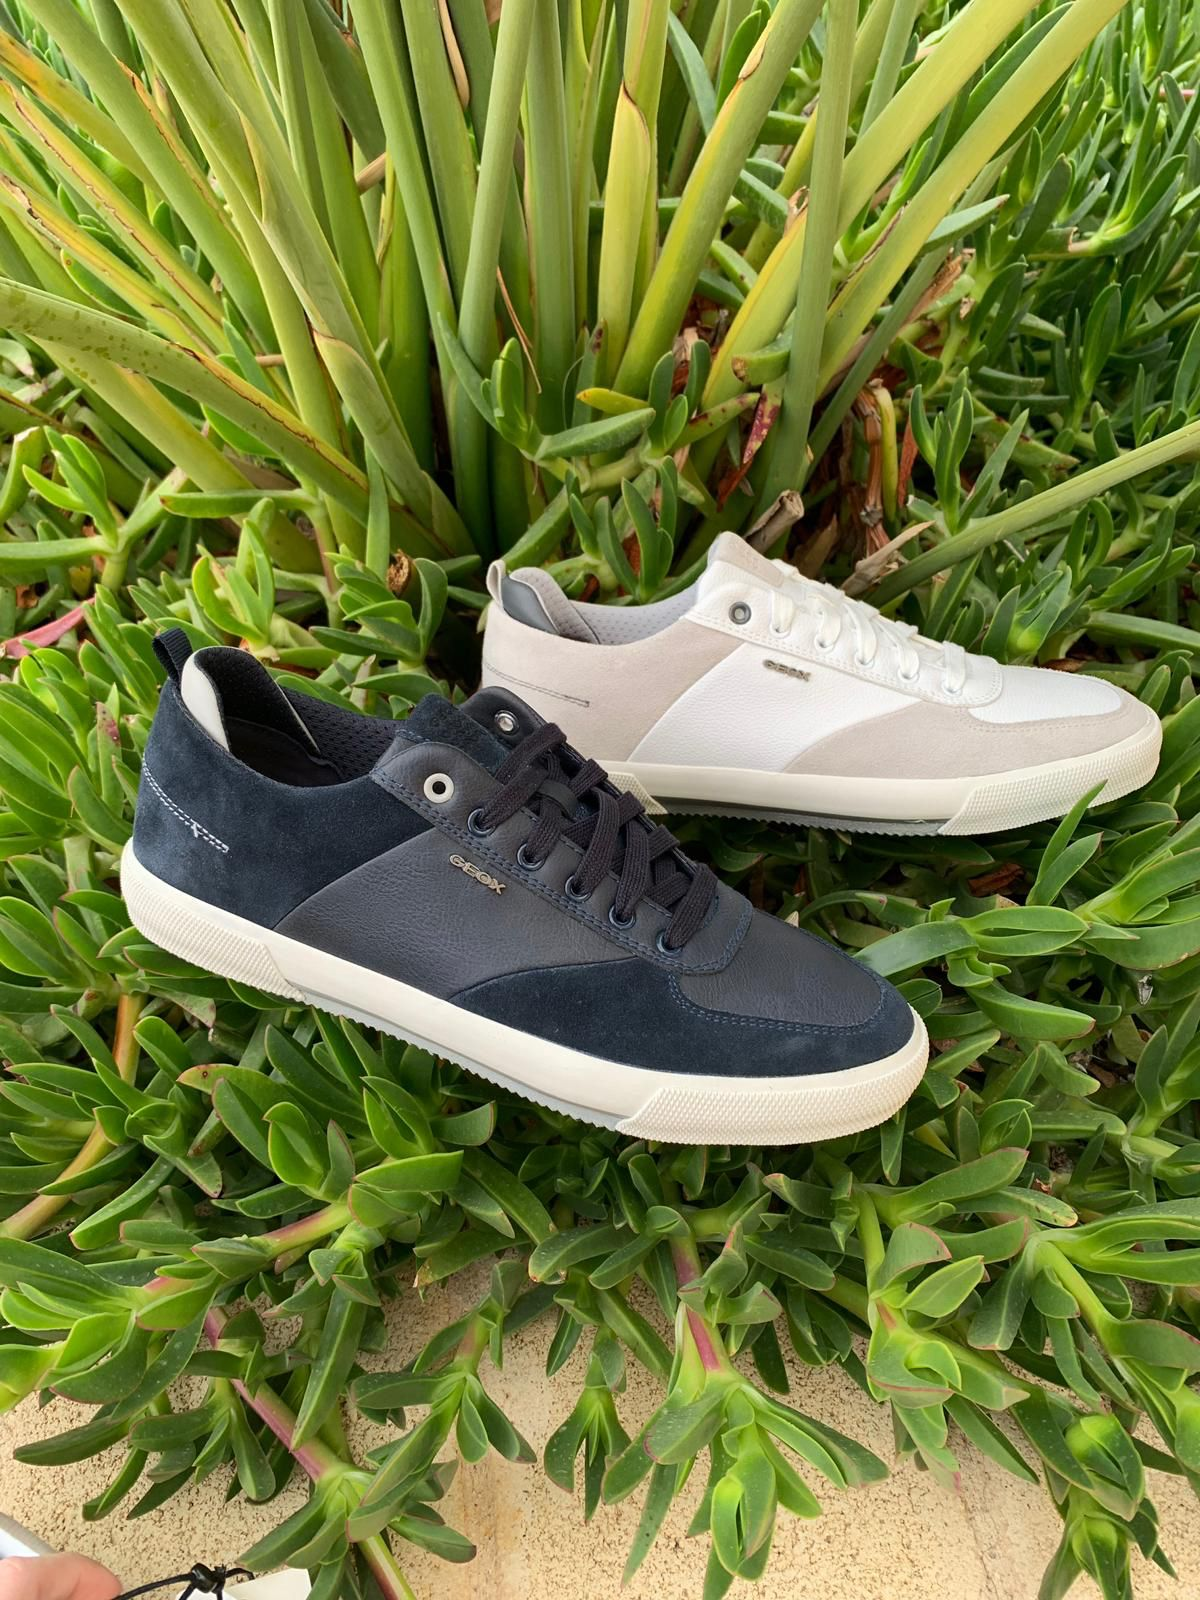 952ae8dc9ca Nueva colección primavera-verano 2019 marca Geox, tienda online o webshop  www.zapatosparatodos